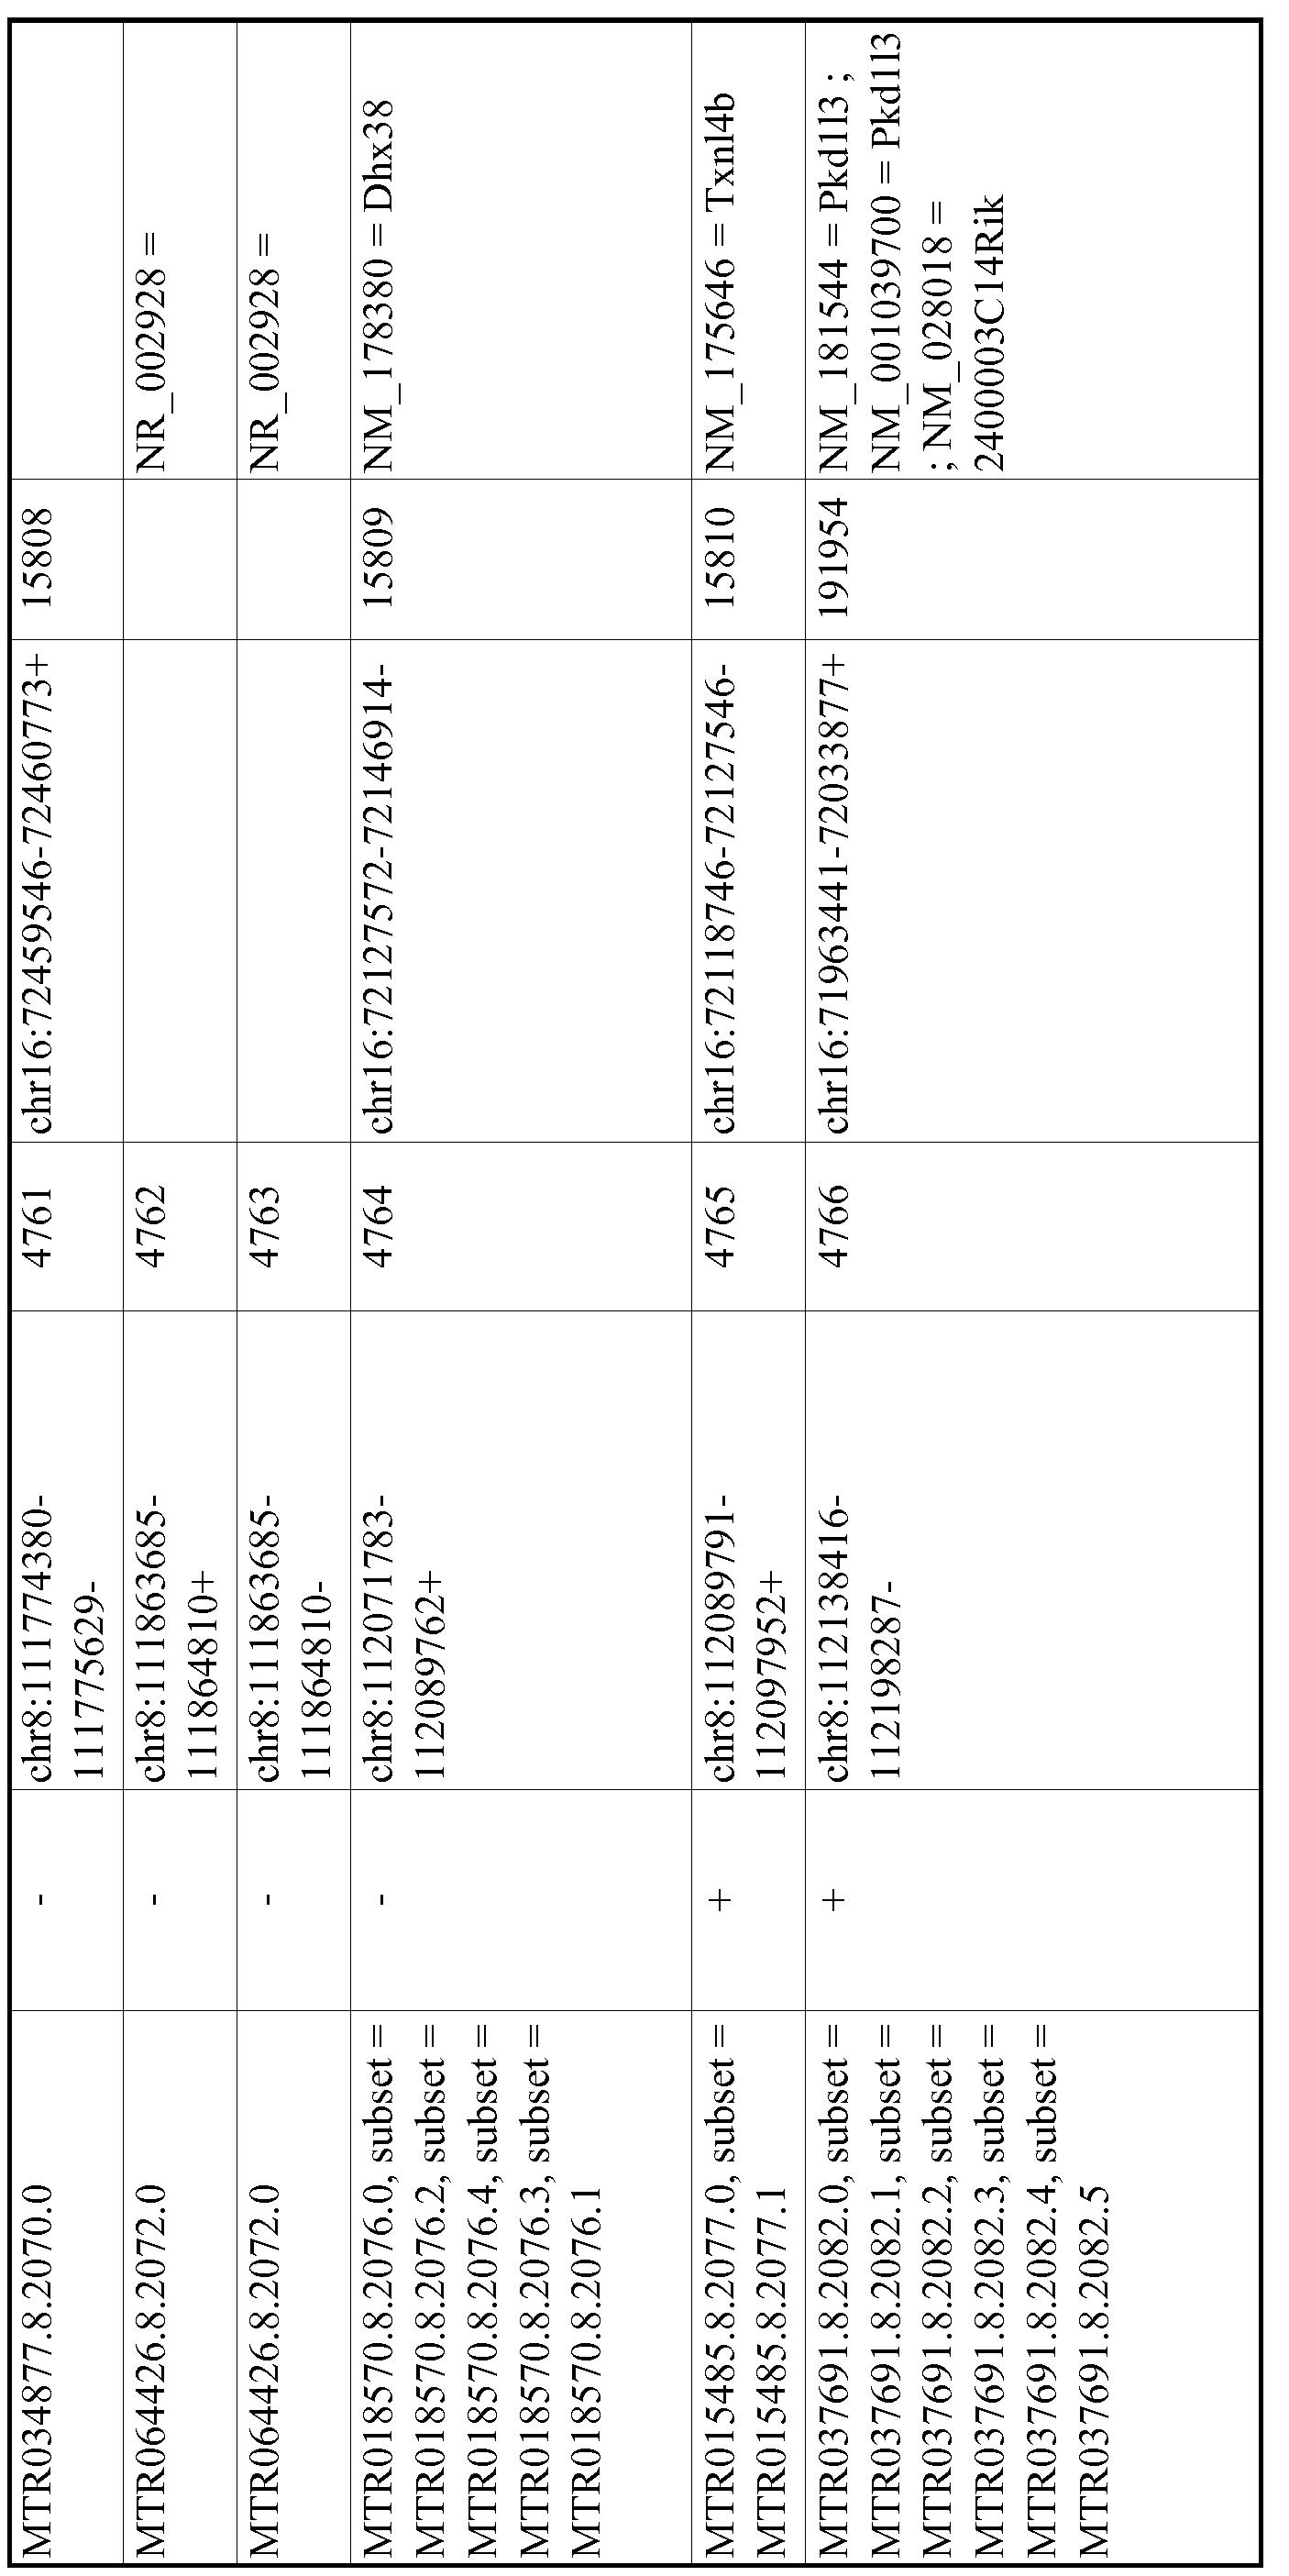 Figure imgf000881_0001